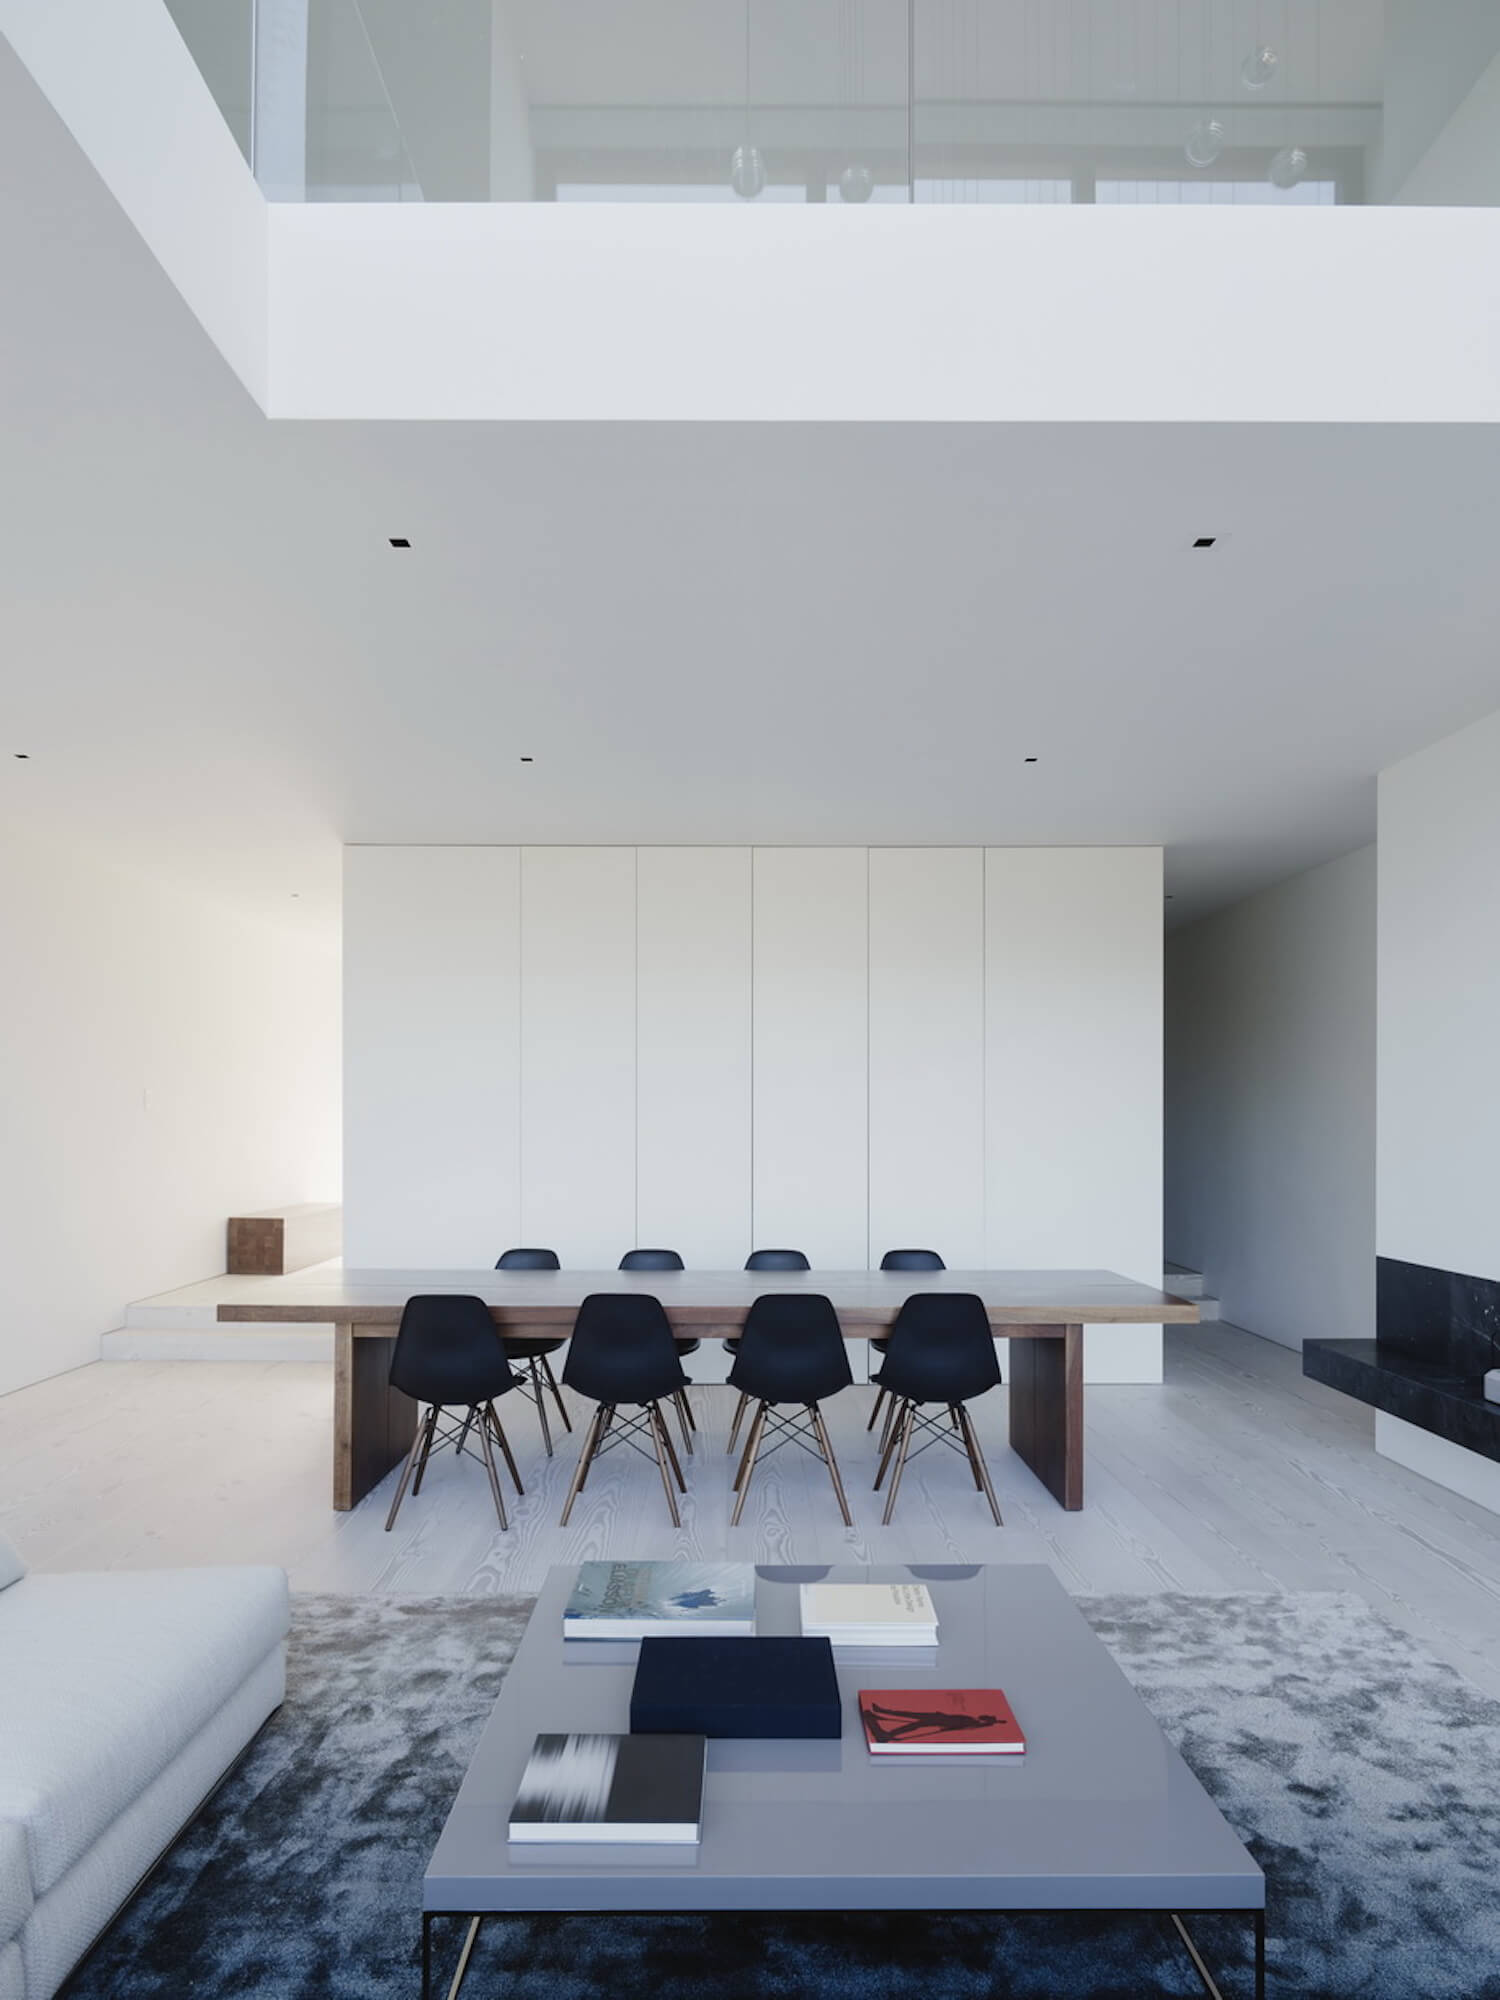 est living edmonds lee architects remember house 11